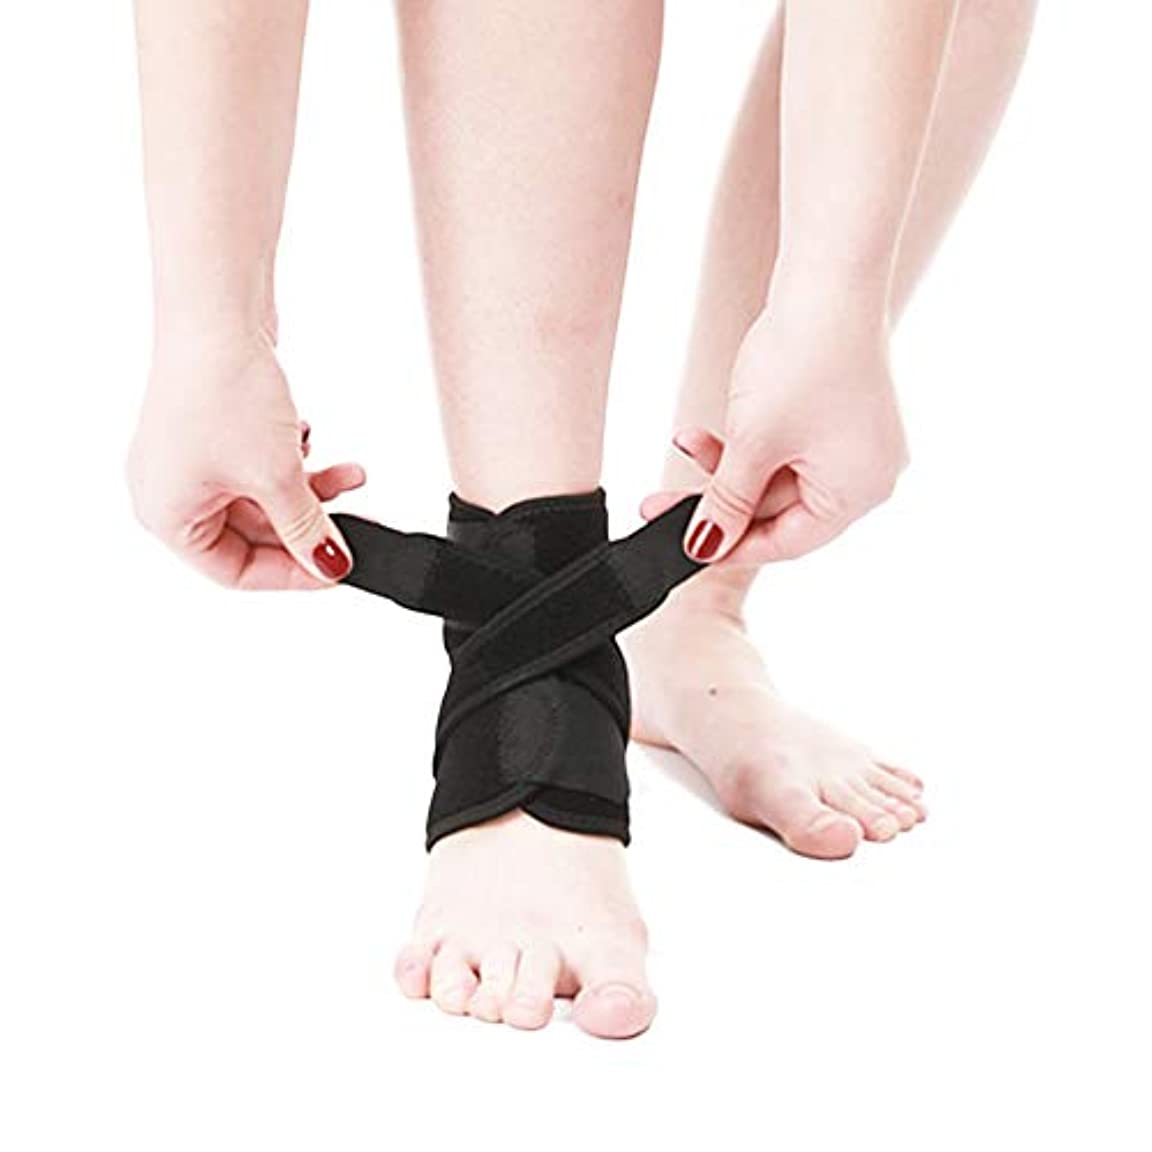 光沢パイプライン部分足首のサポート - 回復力と自信を高めます - 関節炎、腱炎、スポーツ捻挫の回復に最適(黒、1個)